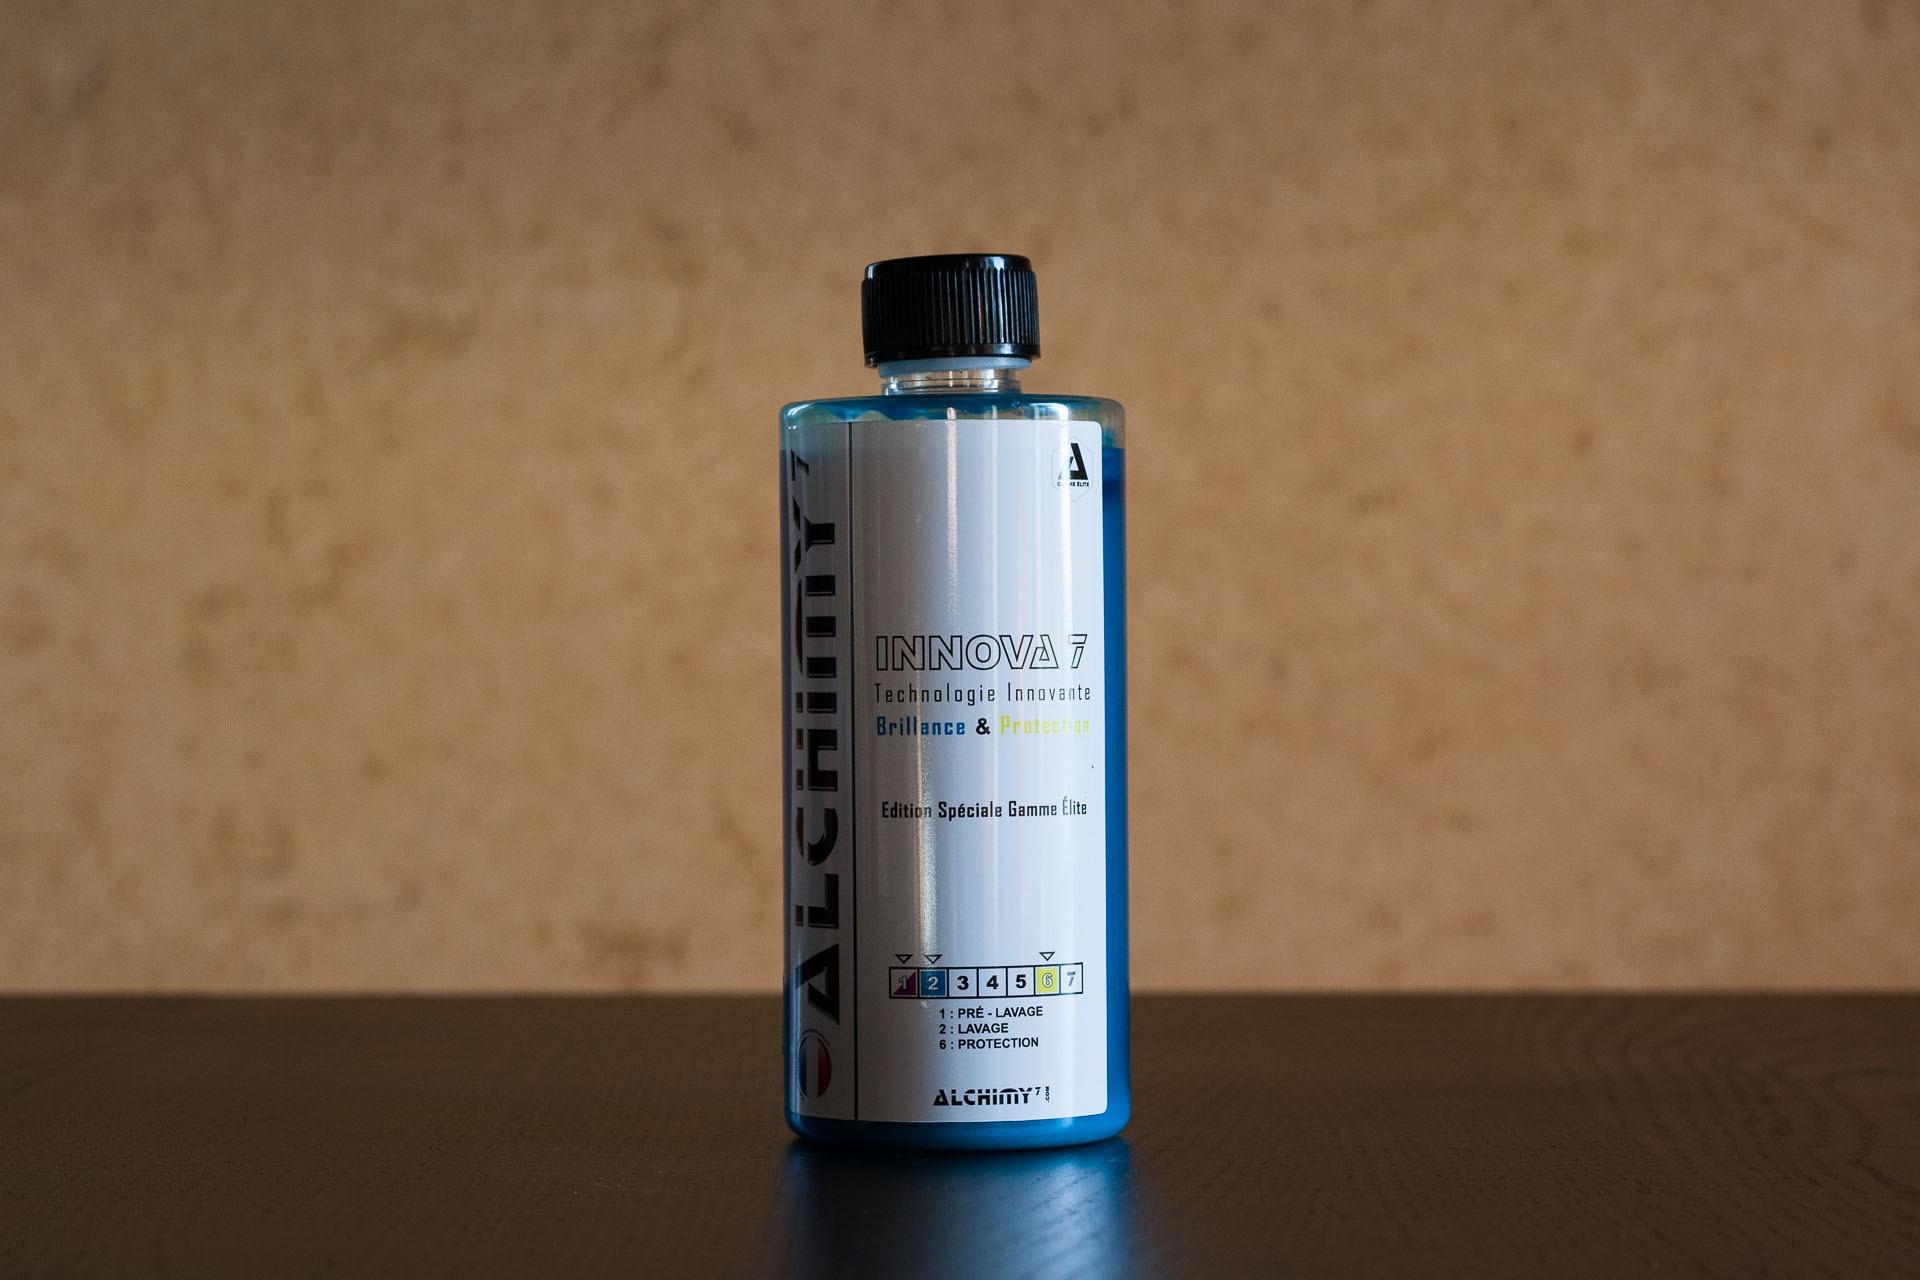 Innova 7 est un shampoing aux superbes rendus visuels et olfactifs - bouteille de 470 millilitres édition spéciale.